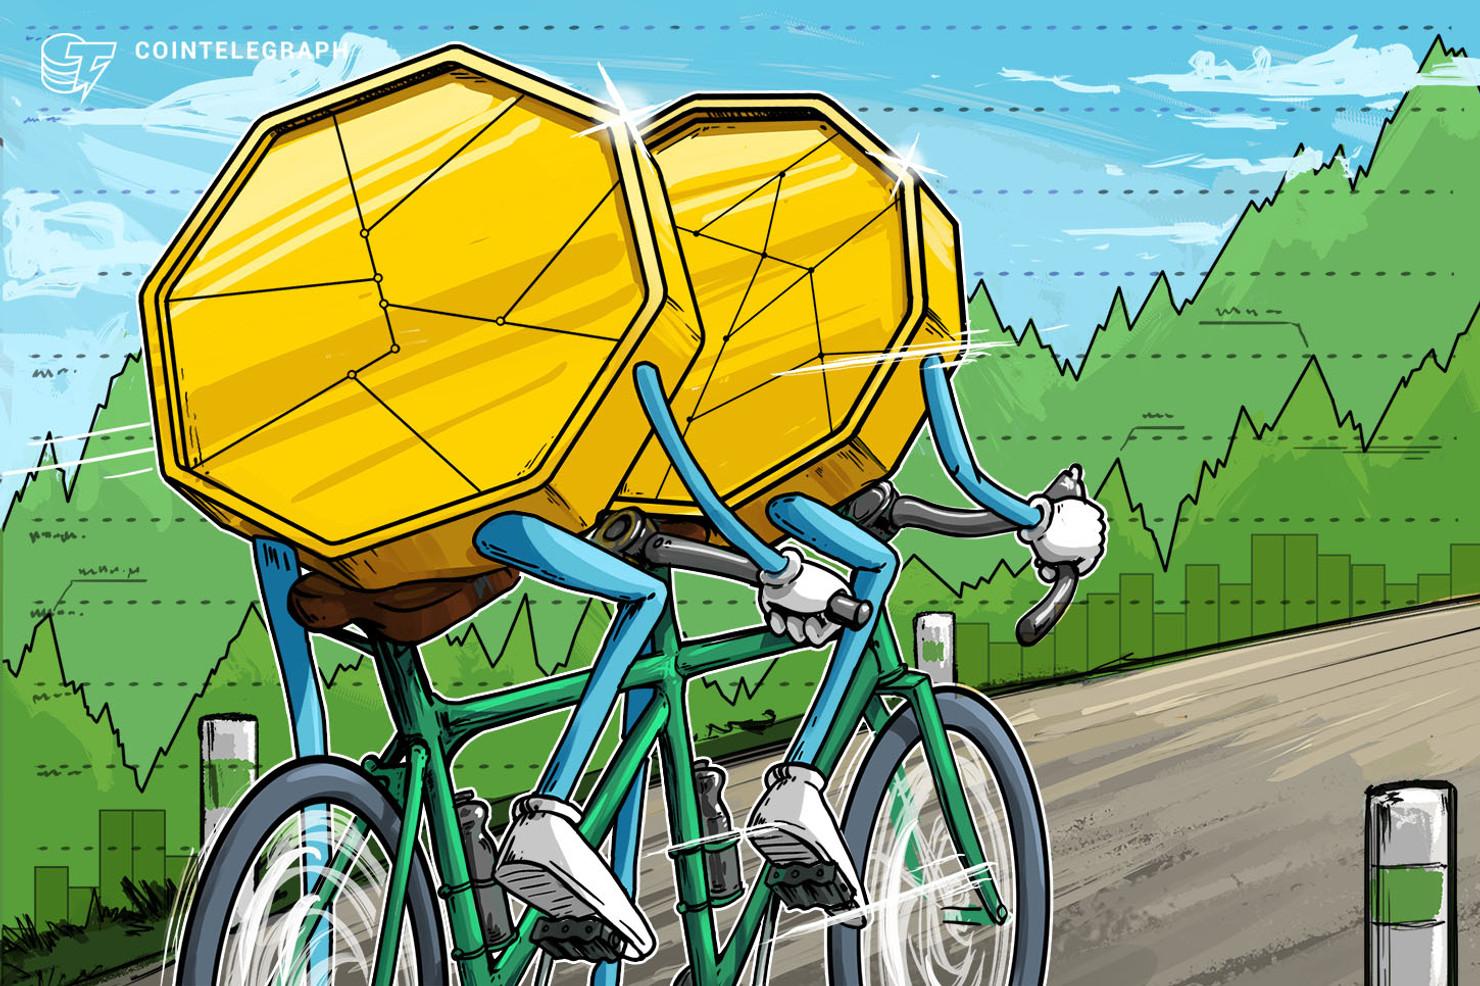 Bitcoin vale más de USD 7,400 nuevamente, mientras el mercado de valores de EE. UU. experimenta una baja moderada